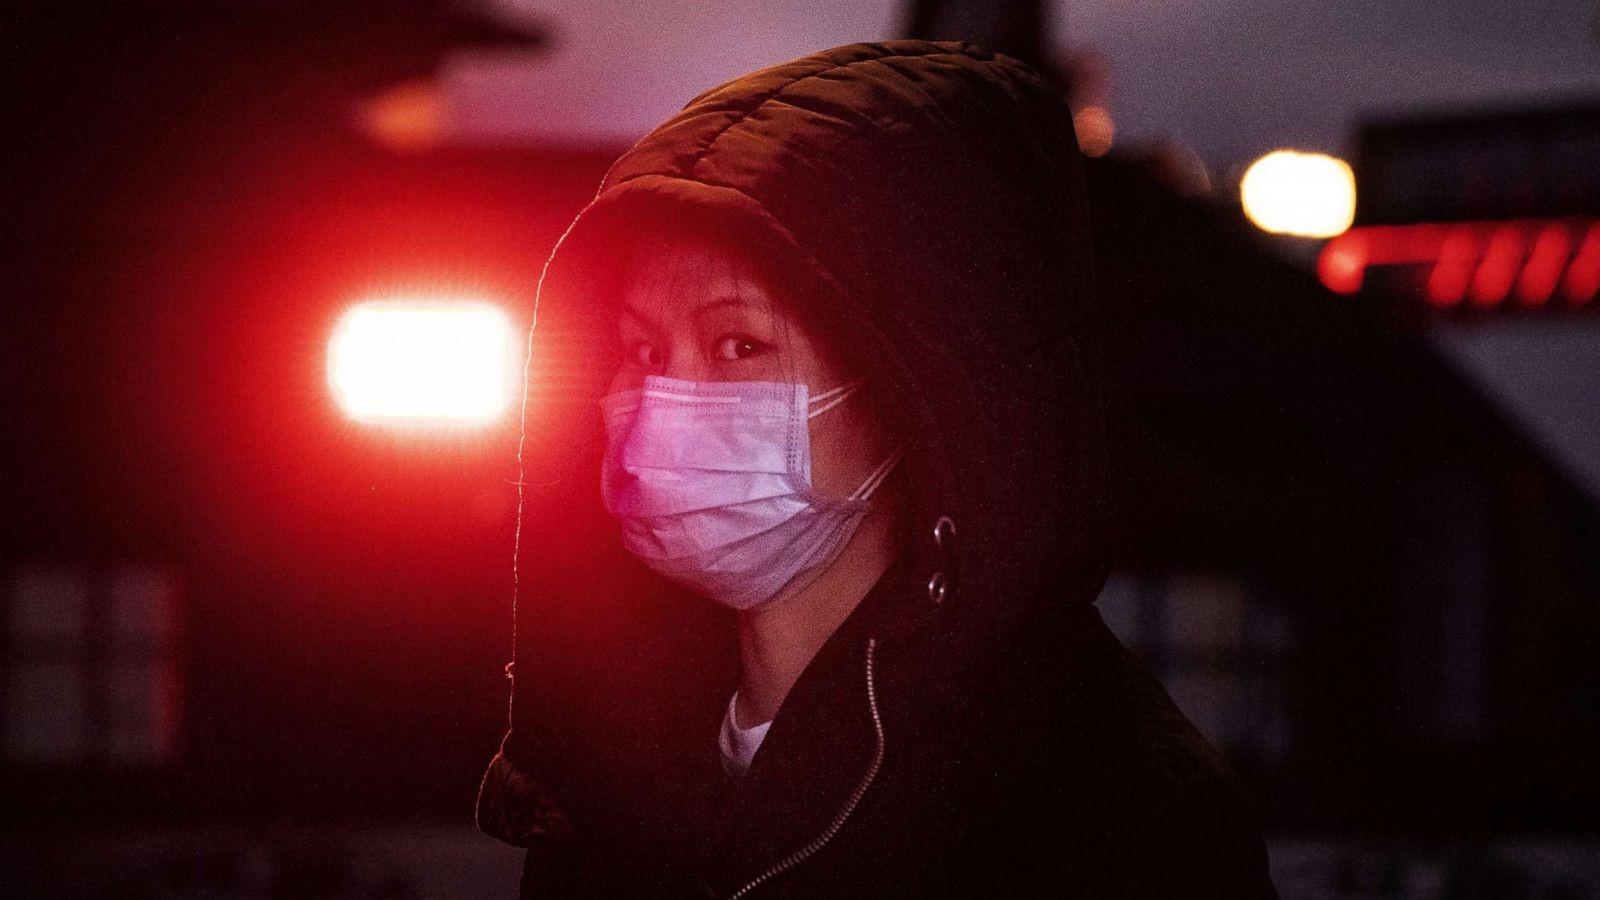 Ces symptômes du coronavirus sont similaires à d'autres maladies respiratoires, notamment la grippe et le rhume.